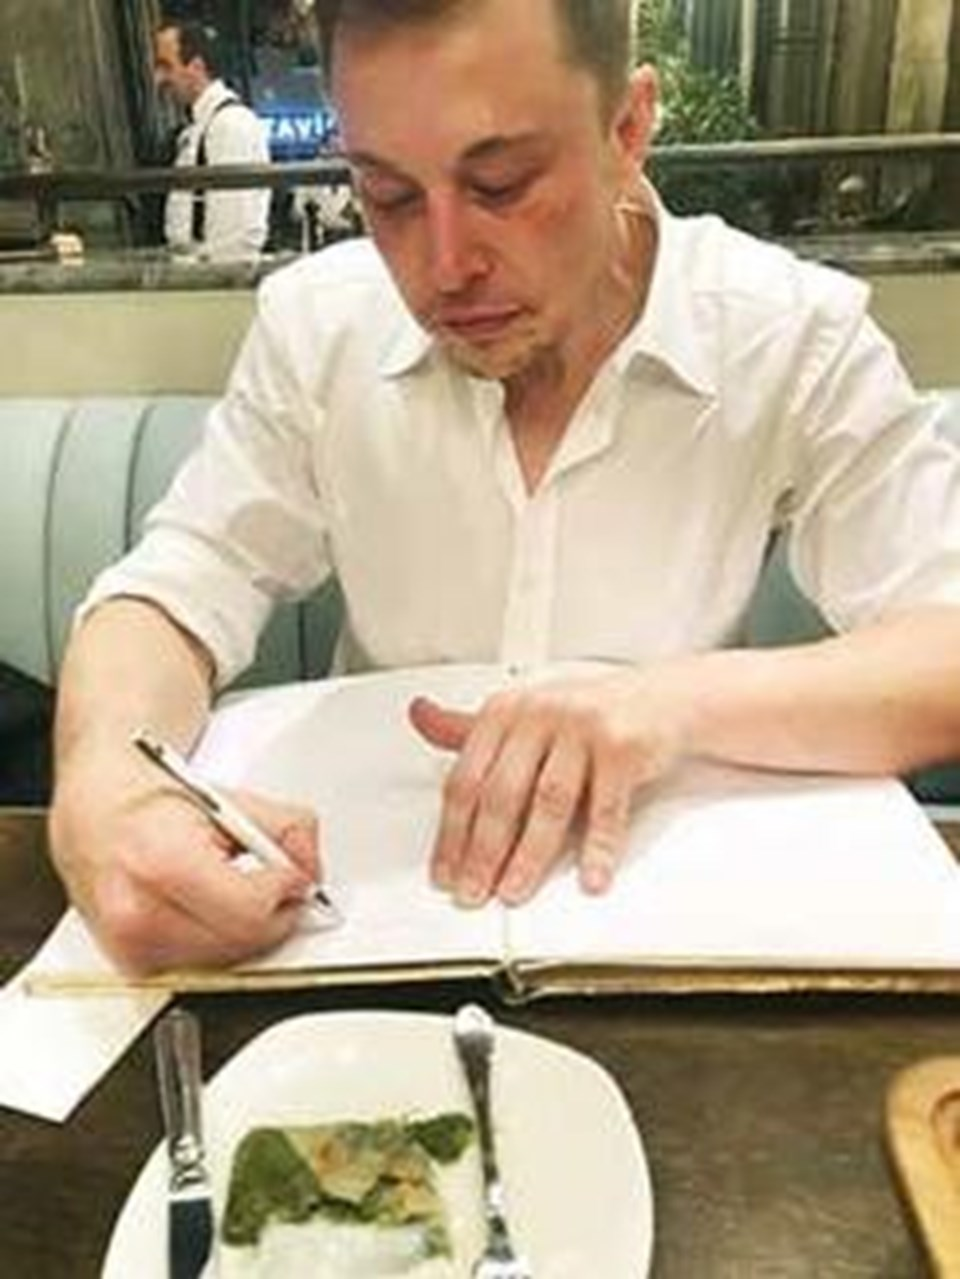 Katmer yedi, anı defteerini imzaladı.